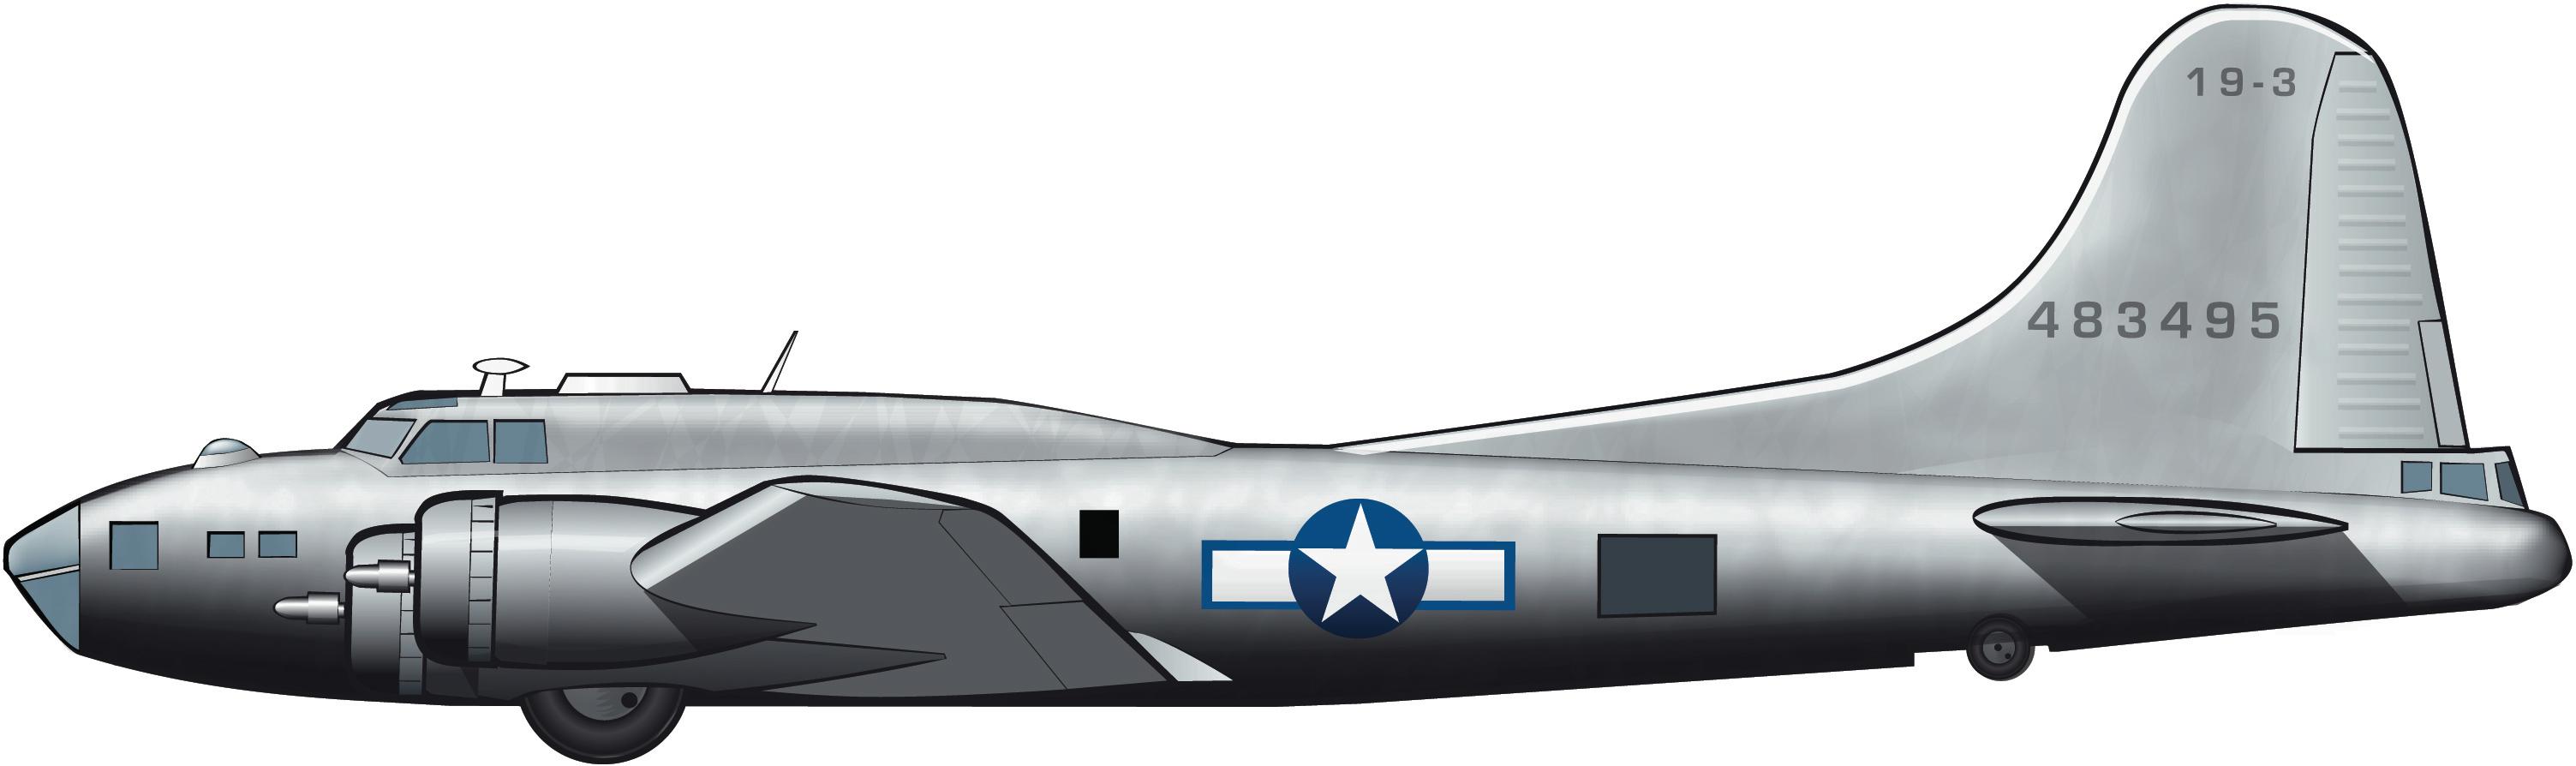 boeingb17(f9)1945